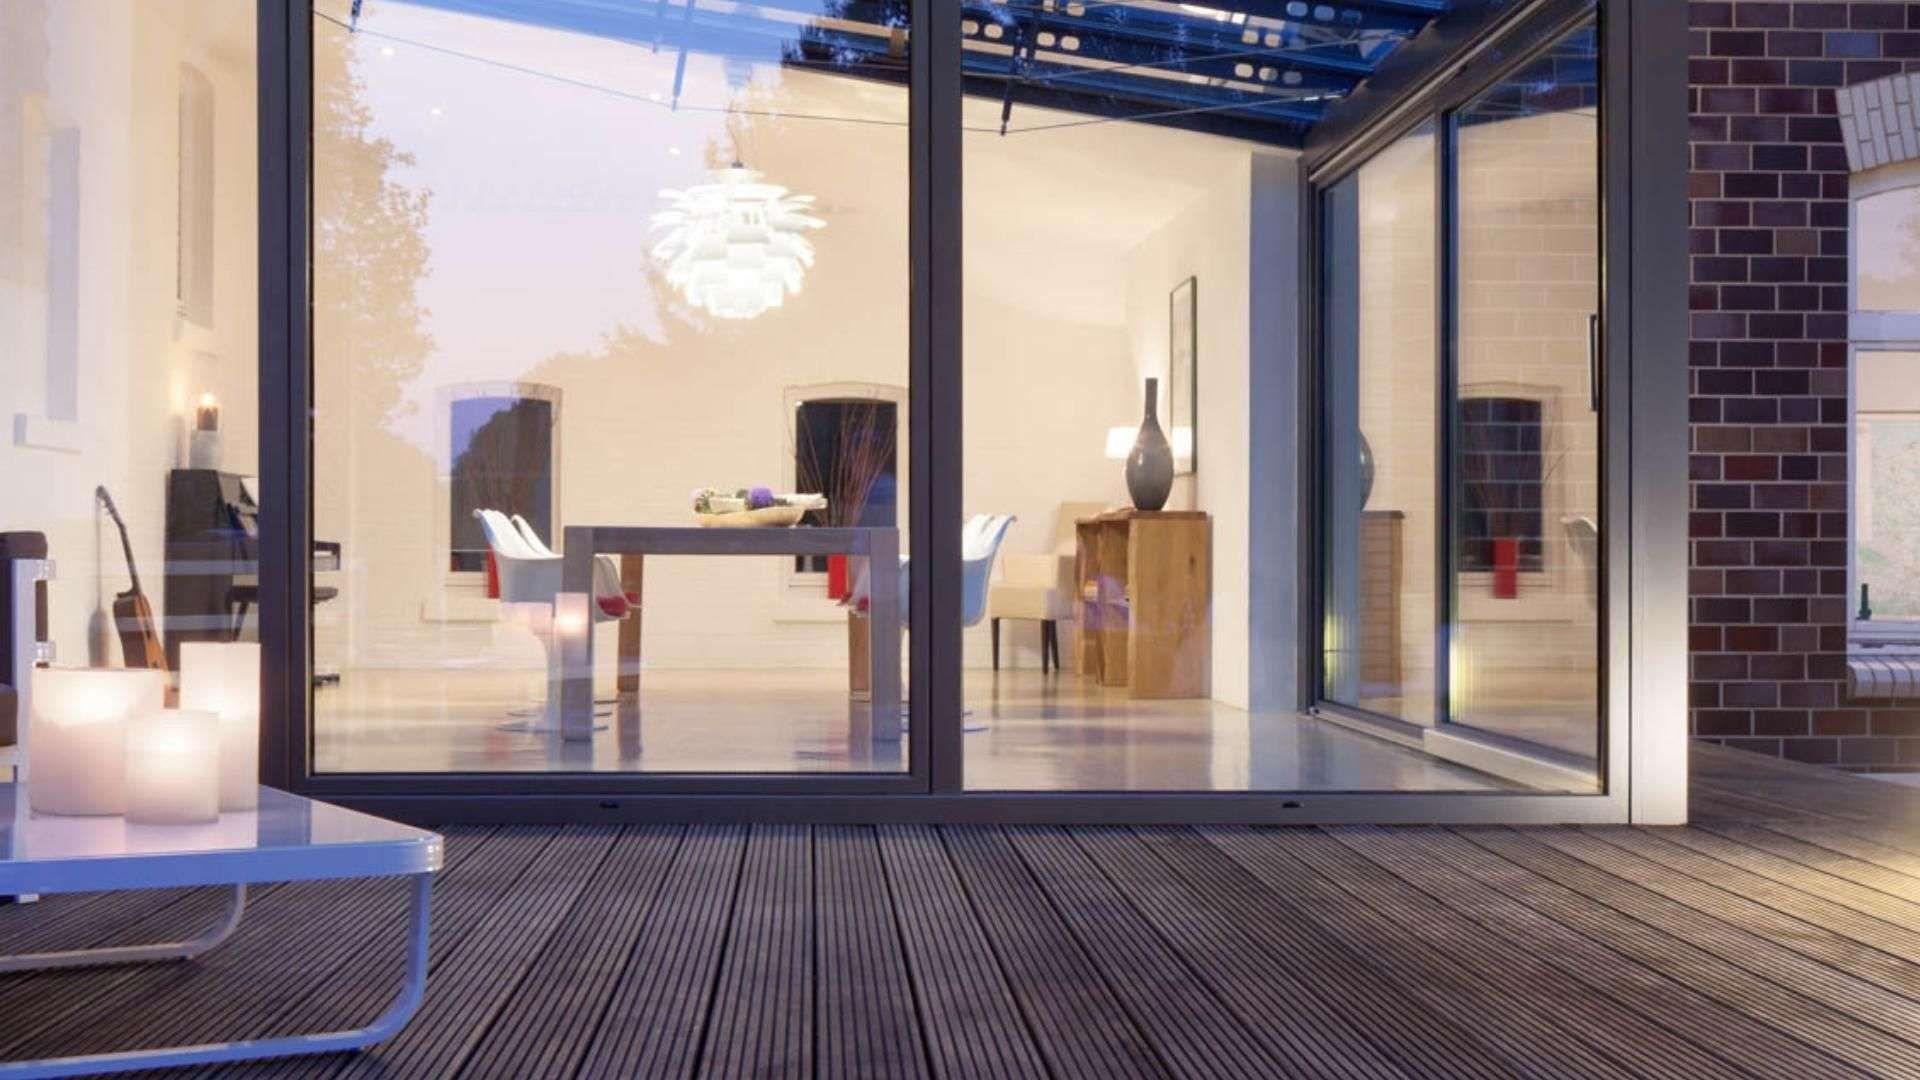 Terrasse mit einem Solarlux SDL Akzent Vision Wintergarten mit Licht und Sitzmöbeln im Inneren